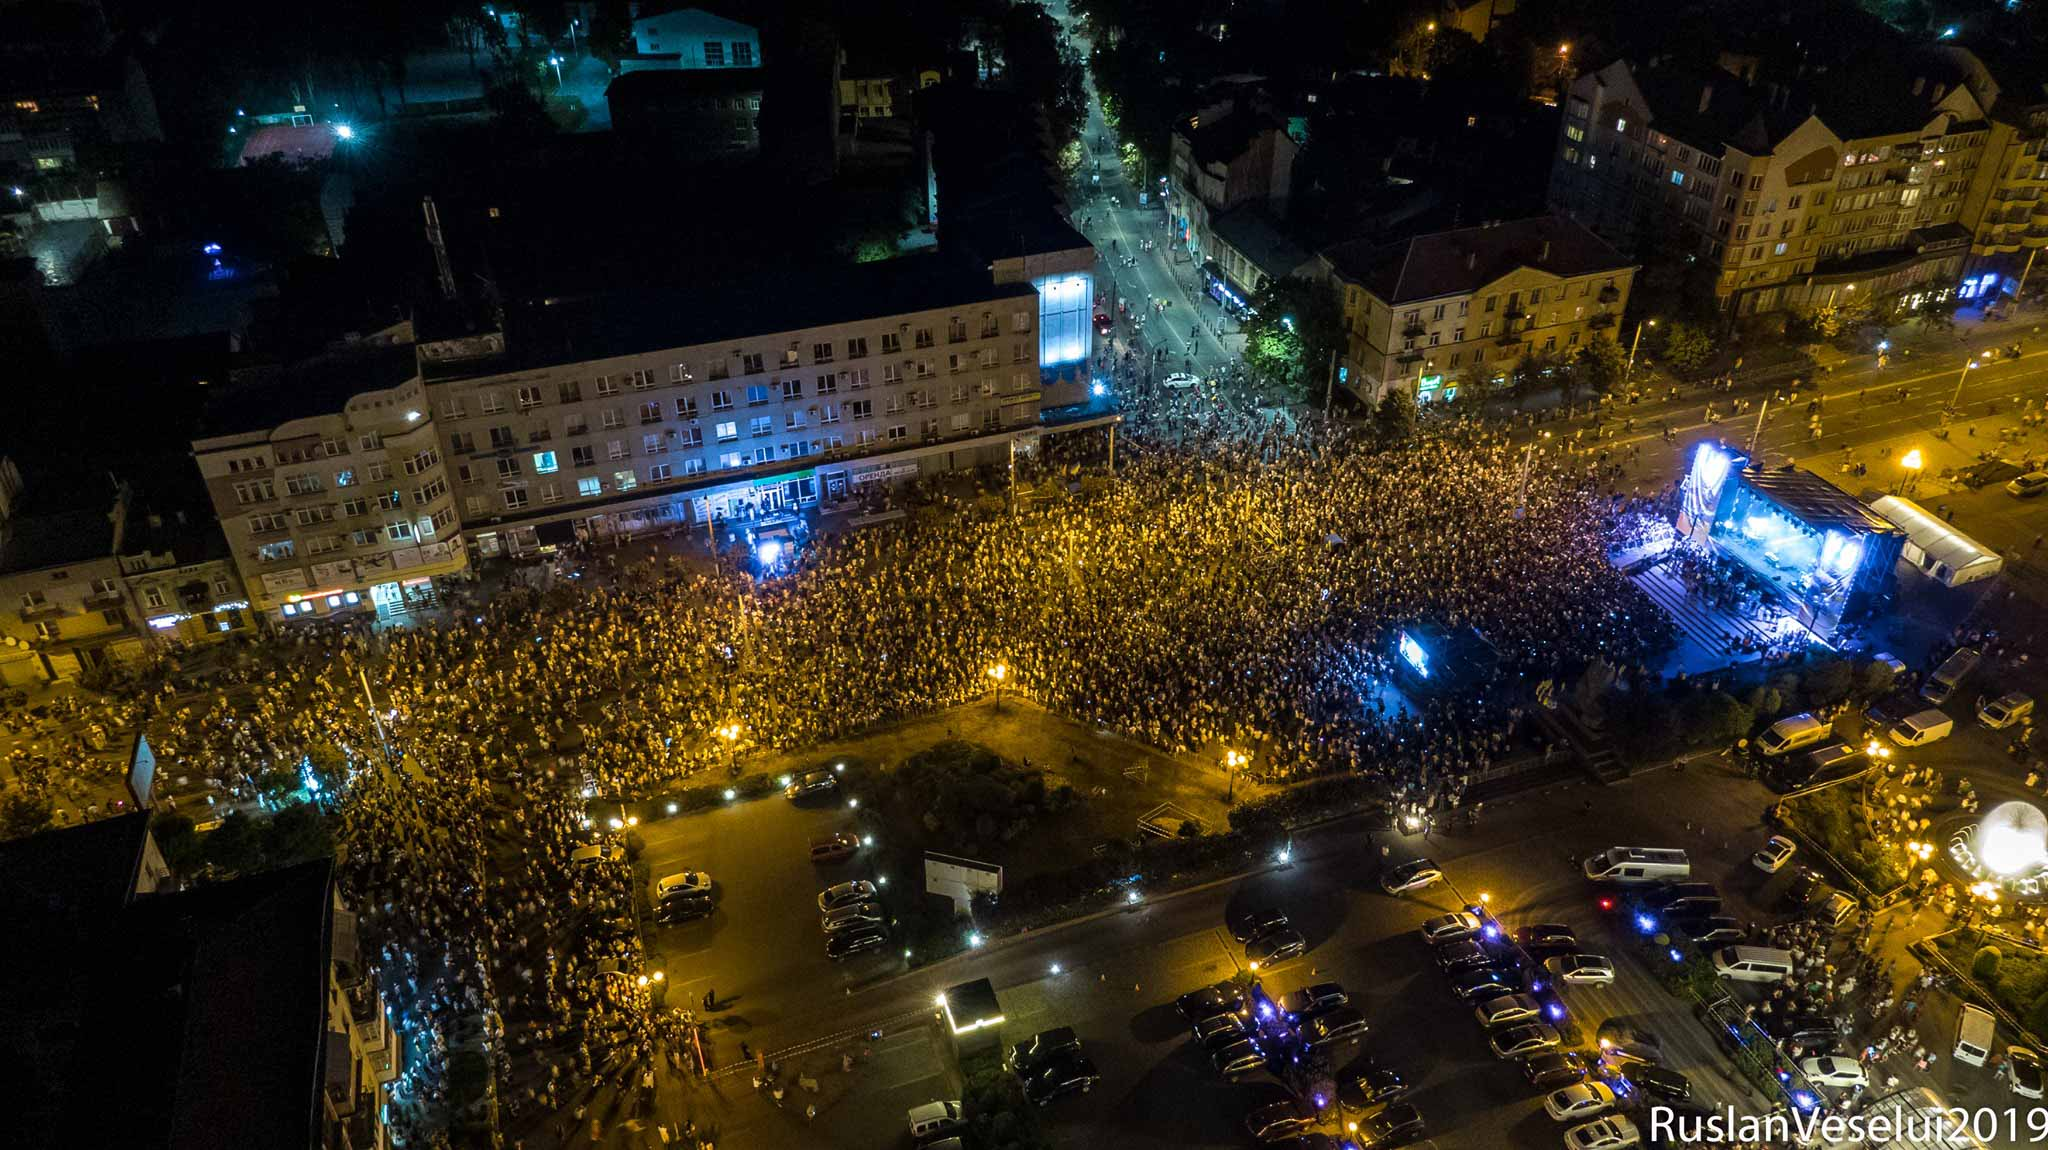 Франківець показав, яким було місто 24 серпня з неба (ФОТО)